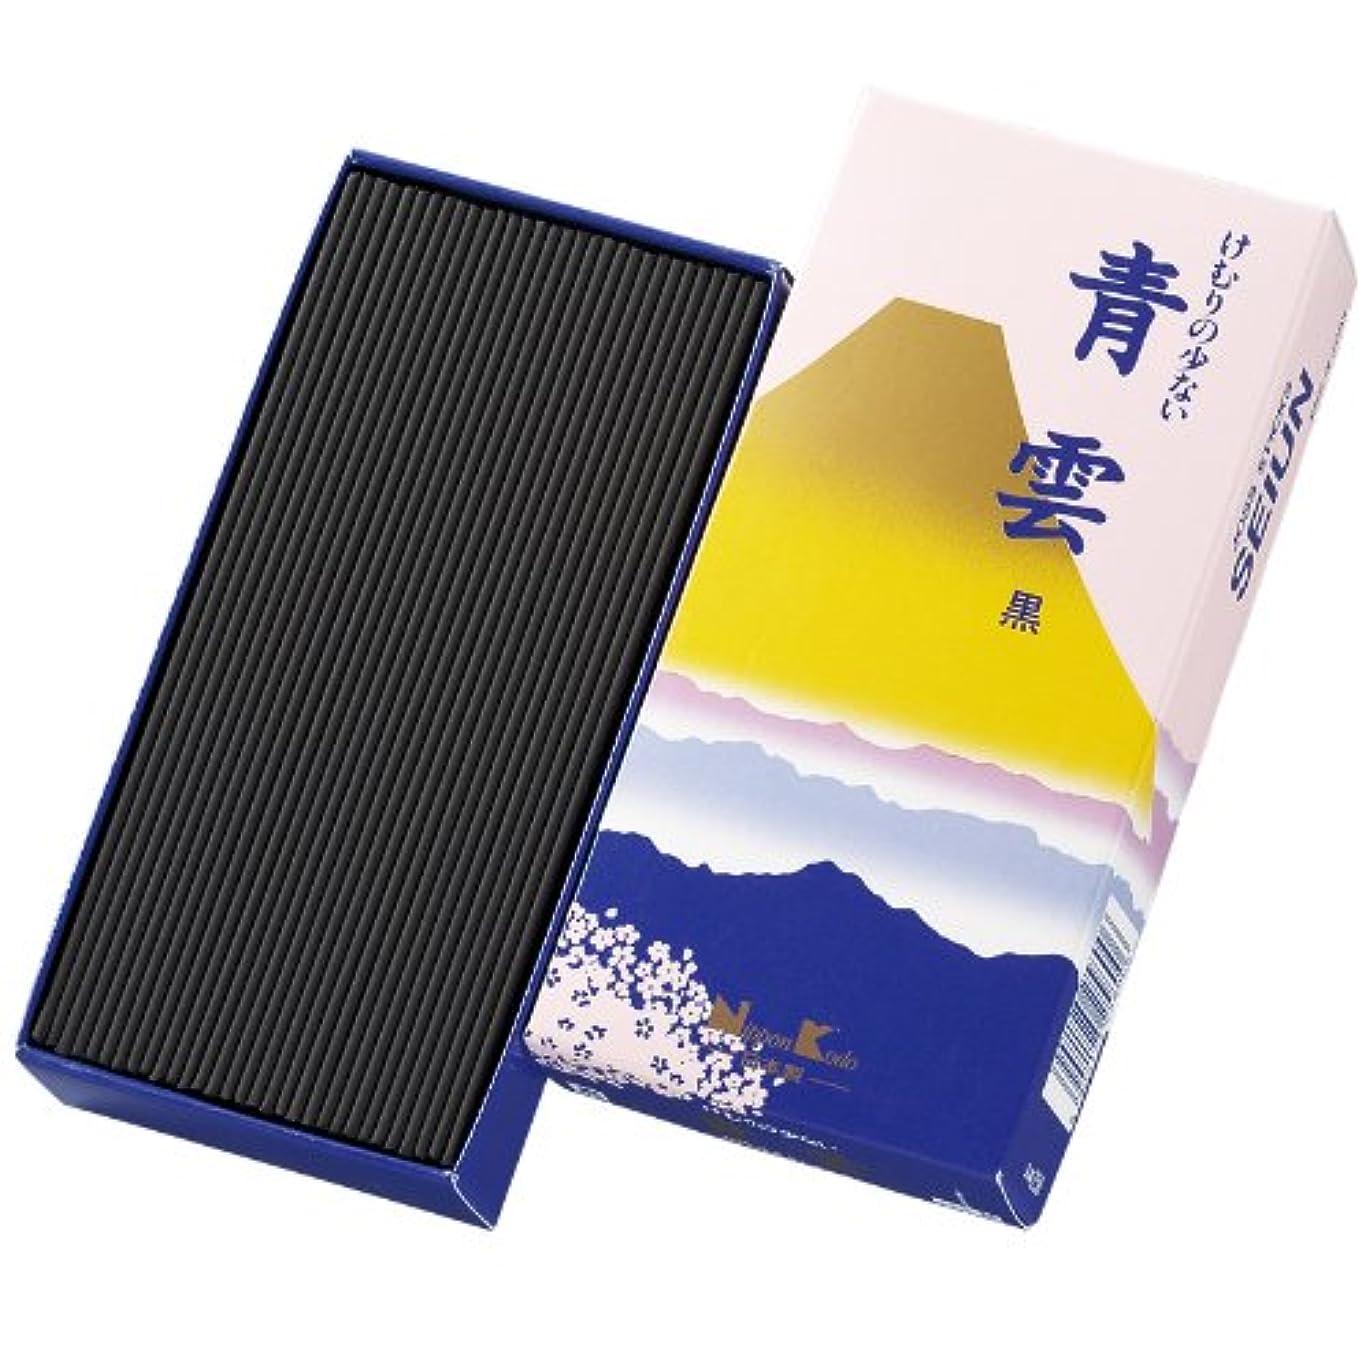 カウンターパート貫通する論争的青雲 黒 バラ詰 (約110g)